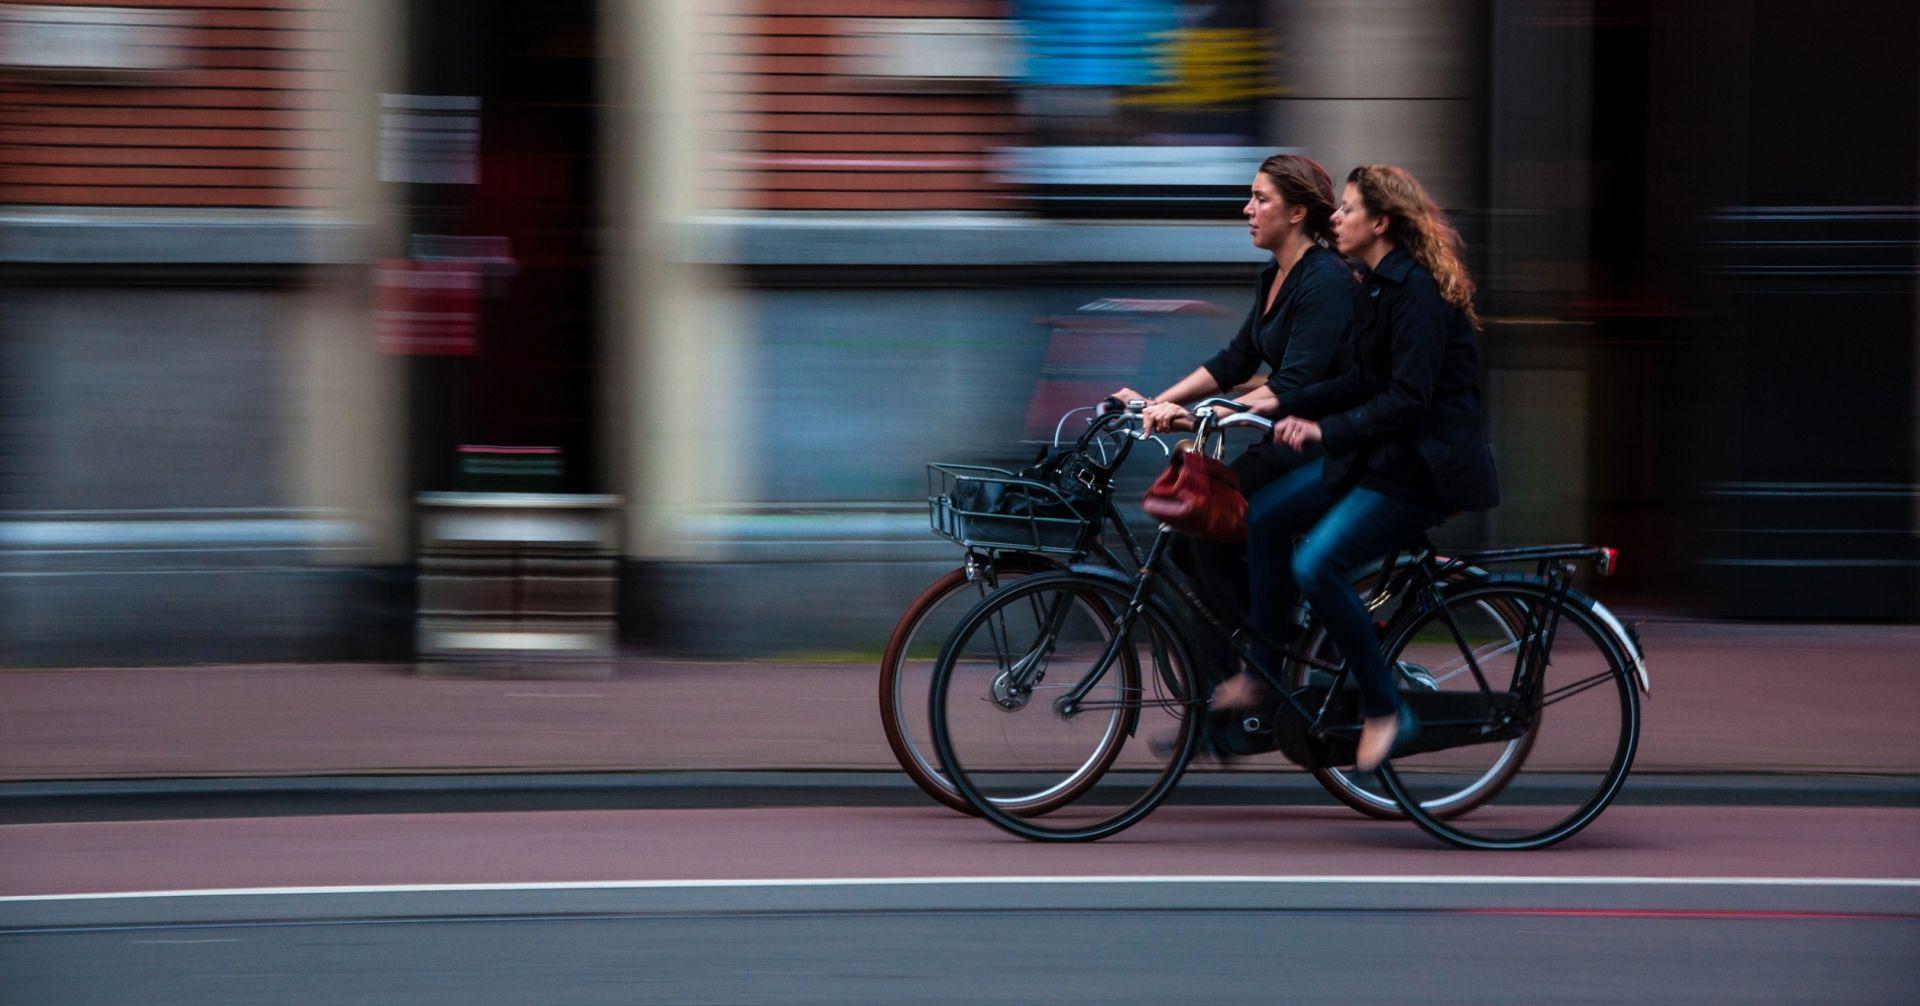 ISTRAŽIVANJE Biciklisti četiri kilograma lakši od onih koji se voze automobilima